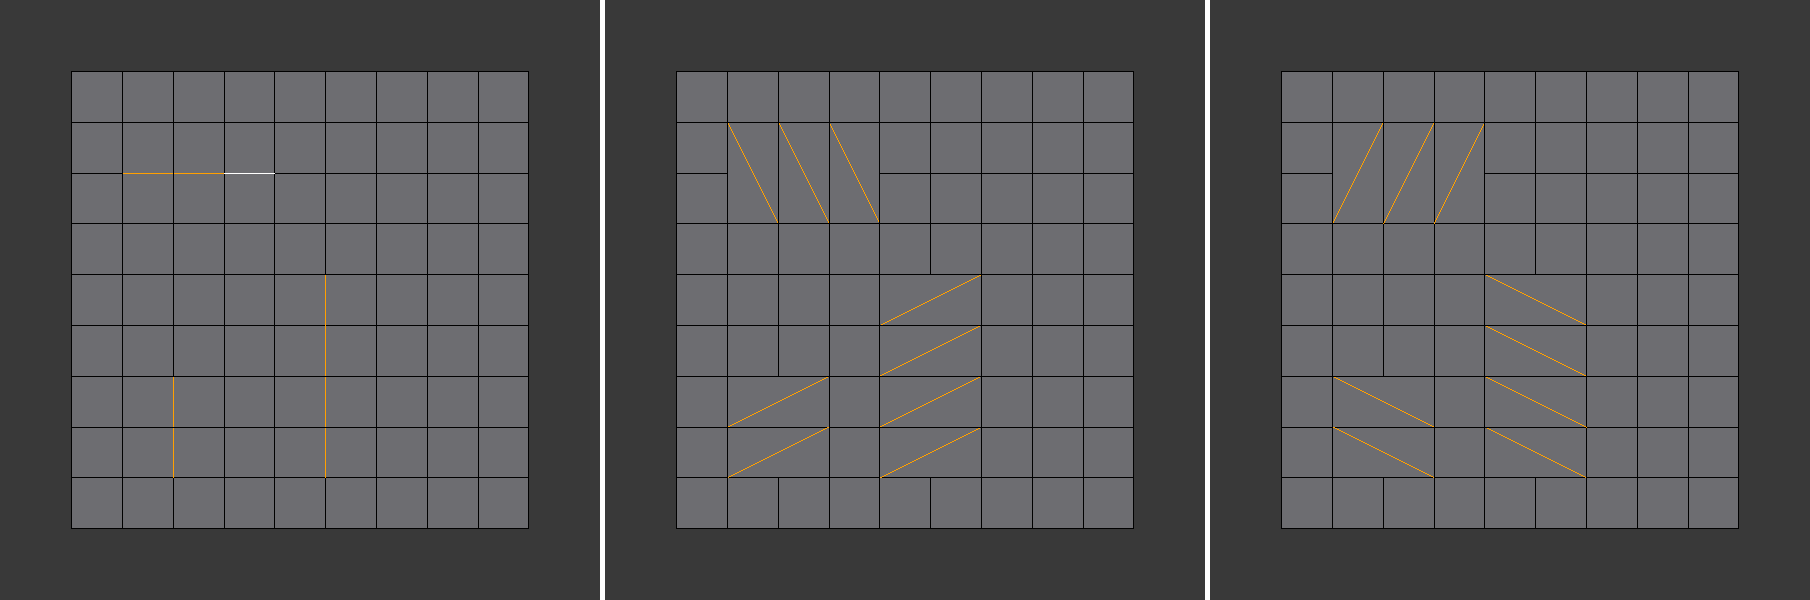 rotate-edge